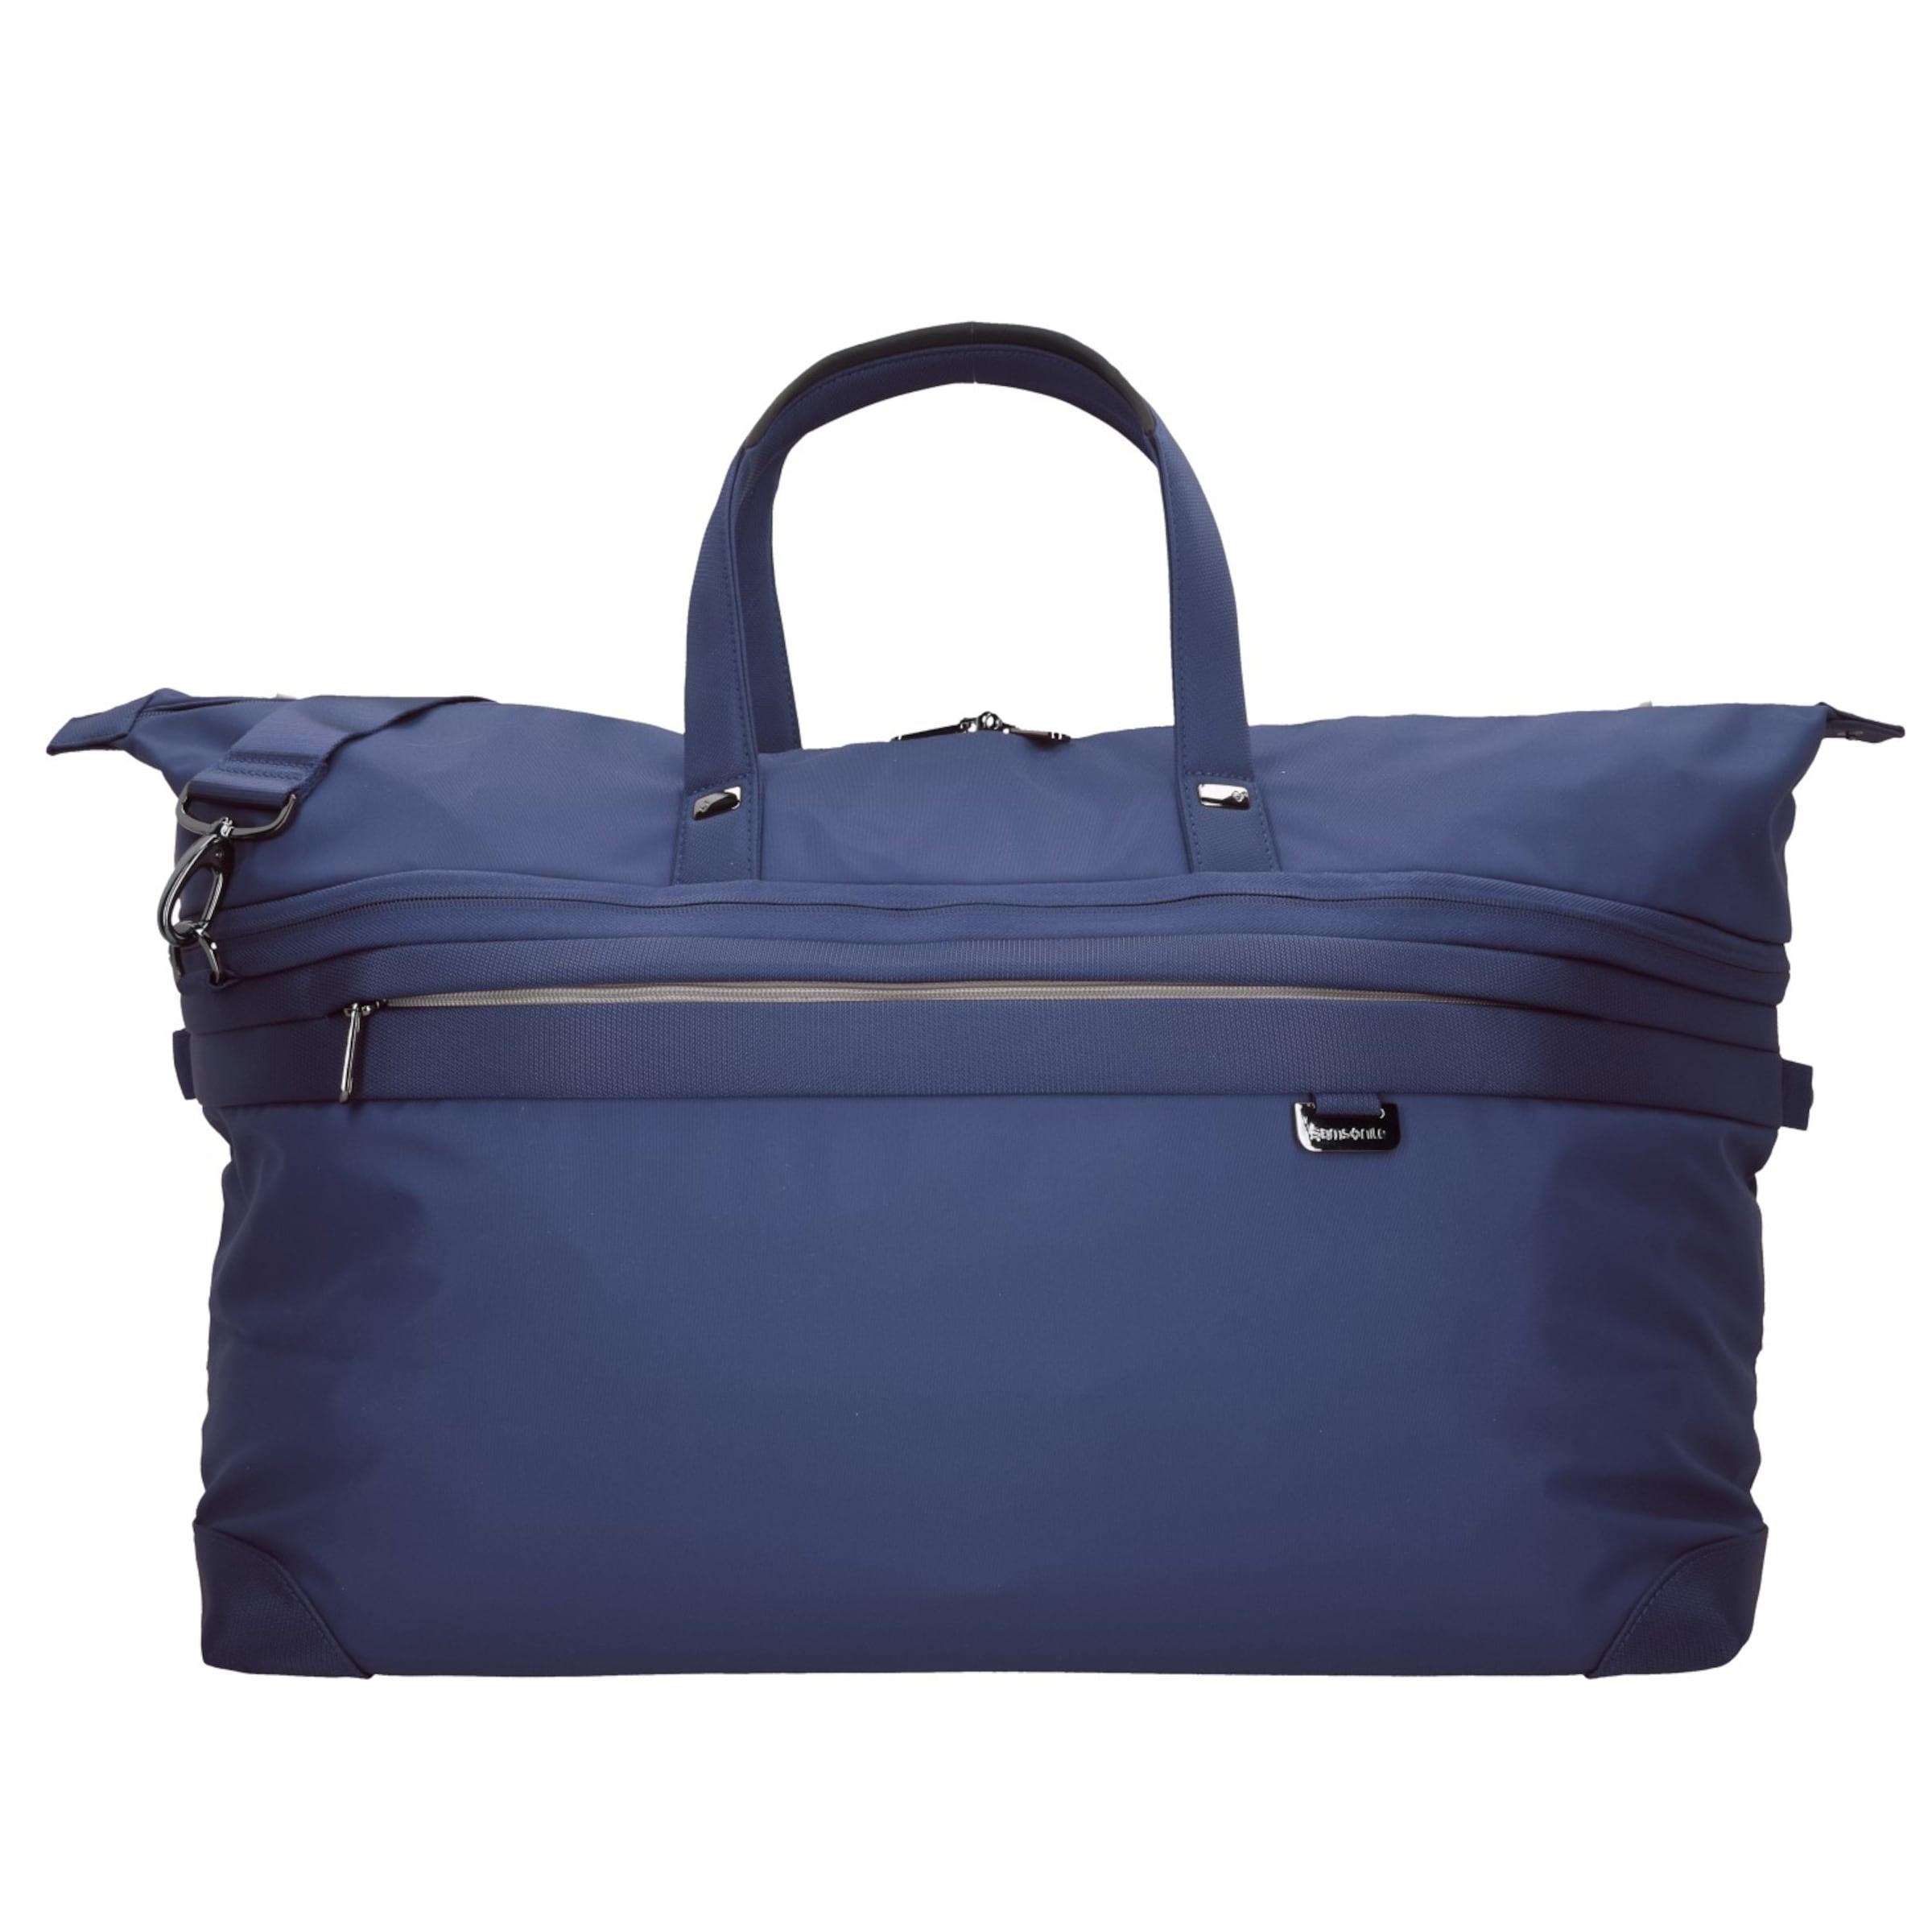 Echt SAMSONITE Uplite Weekender Reisetasche 45 cm Wirklich Online-Verkauf Preiswerte Qualität Rabatt Footlocker 36PlSKxm8